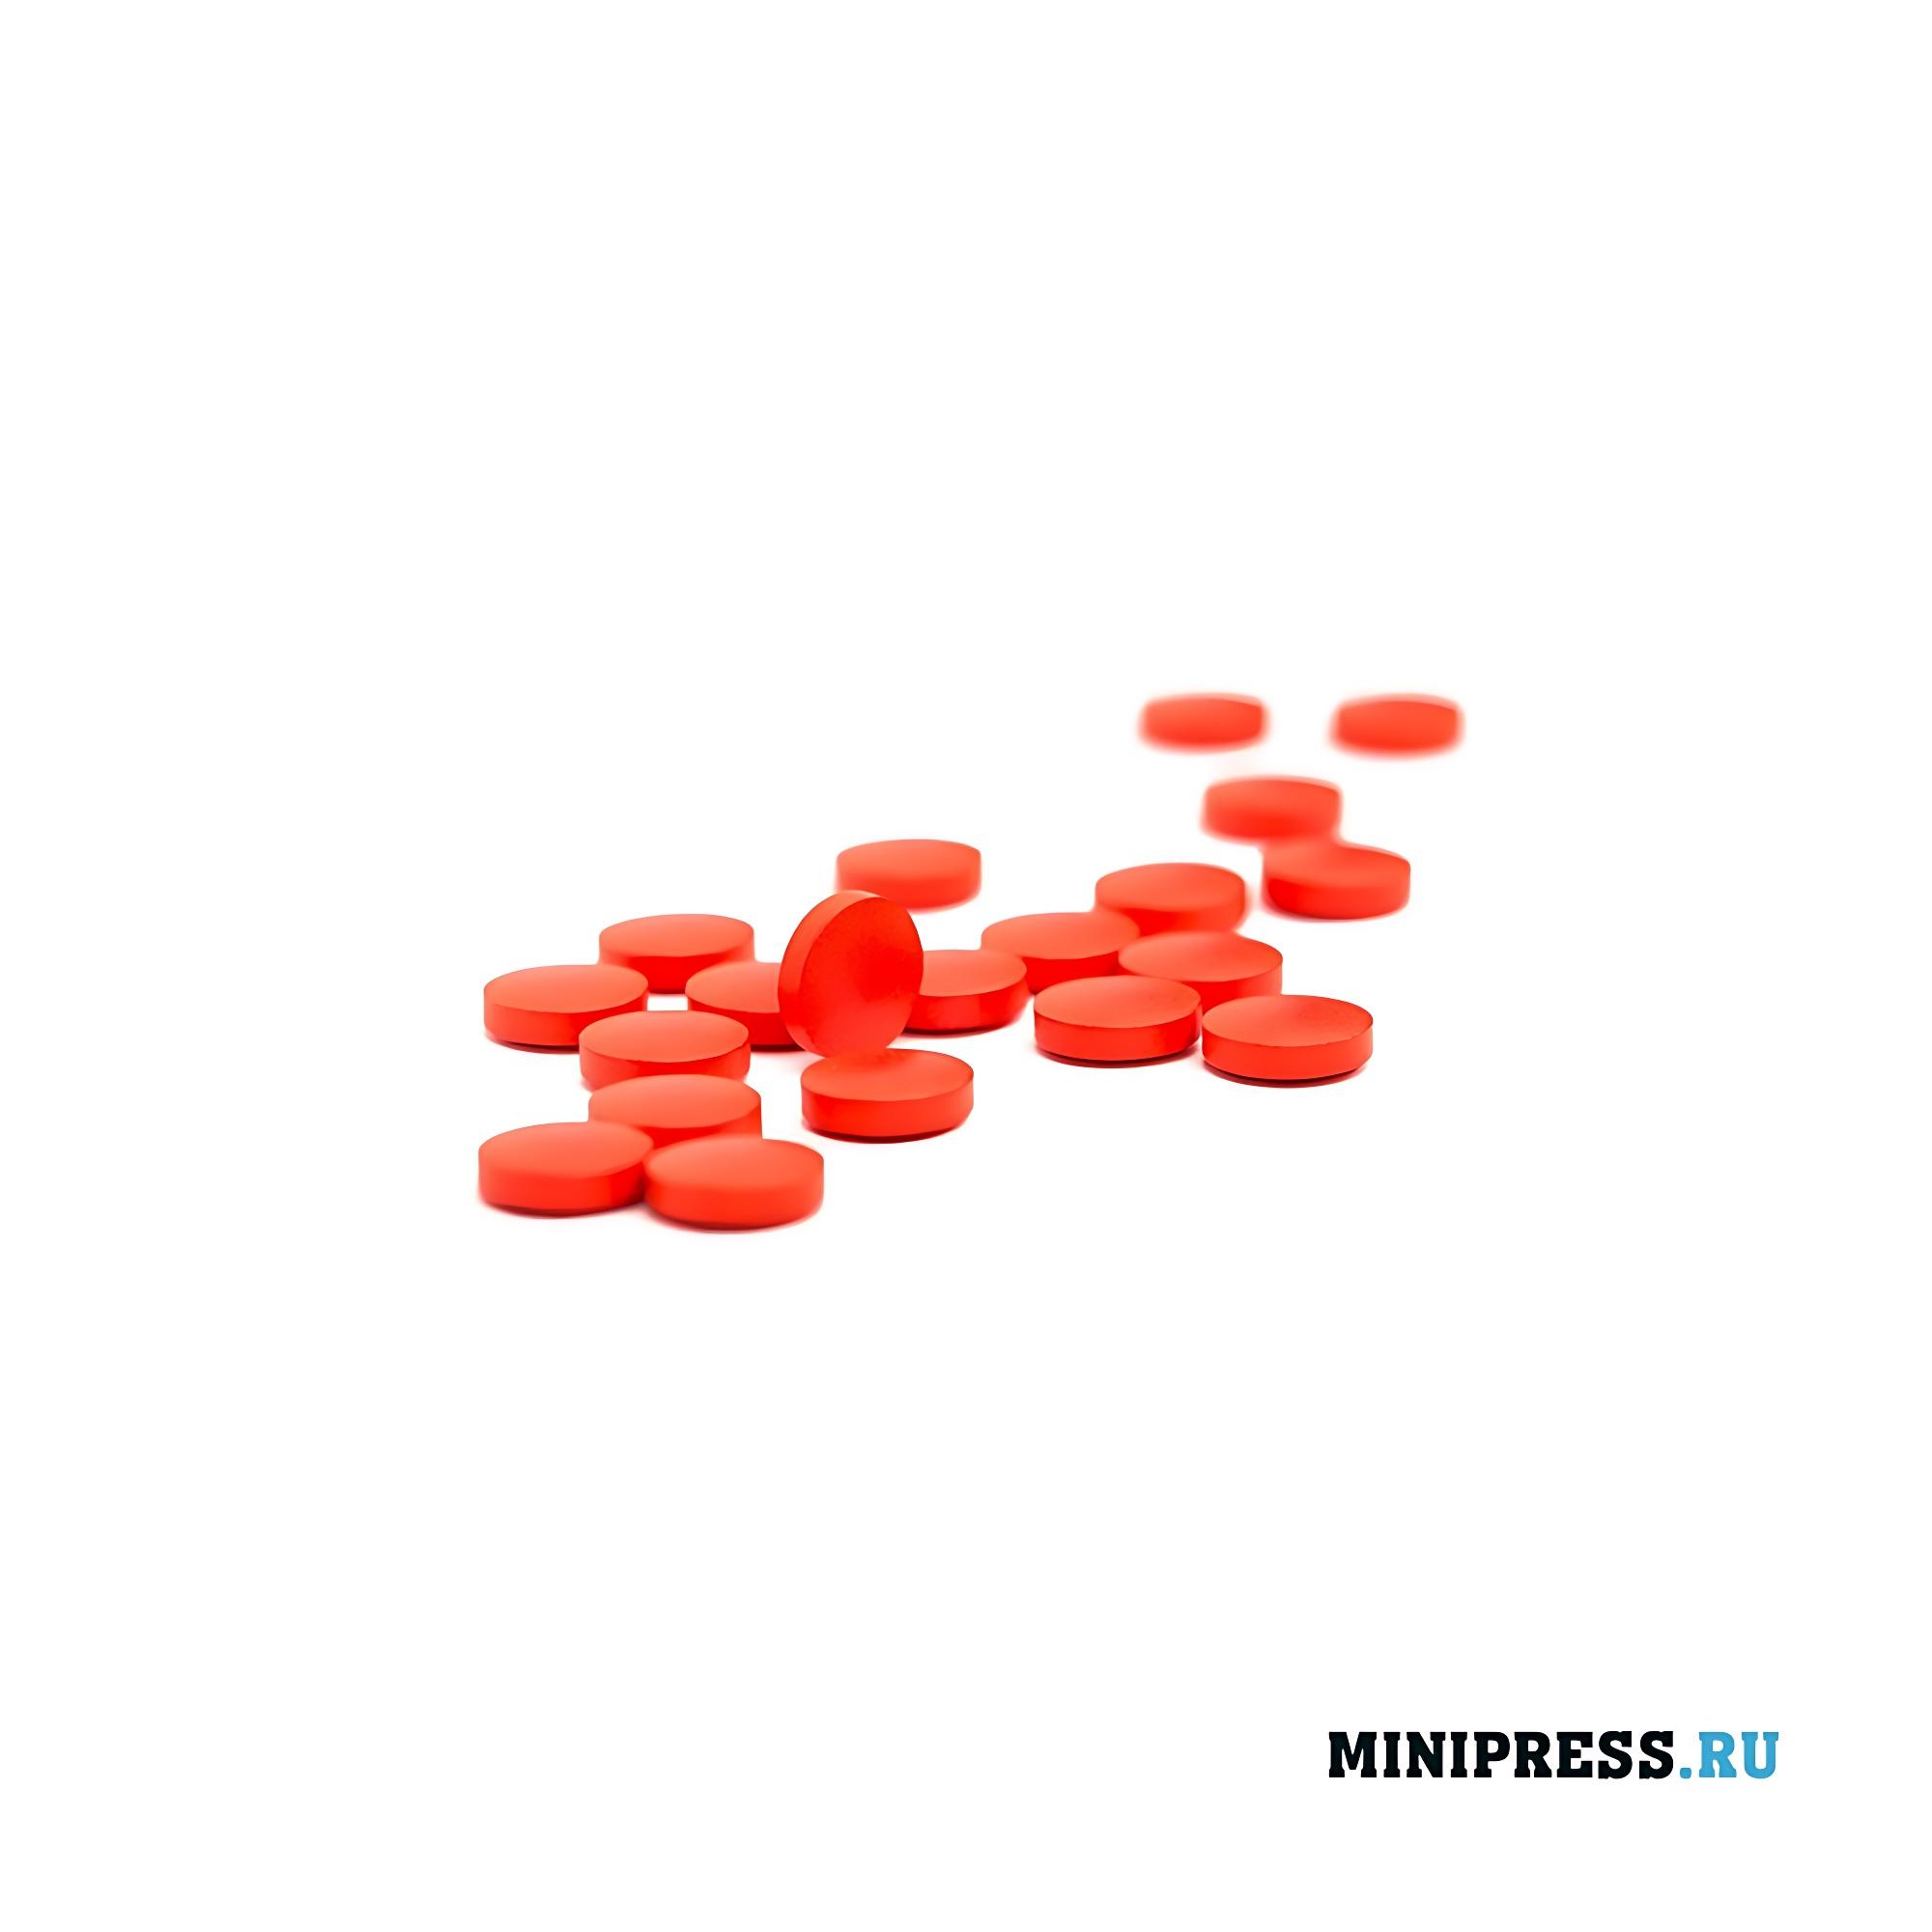 Прессованные таблетки на производстве